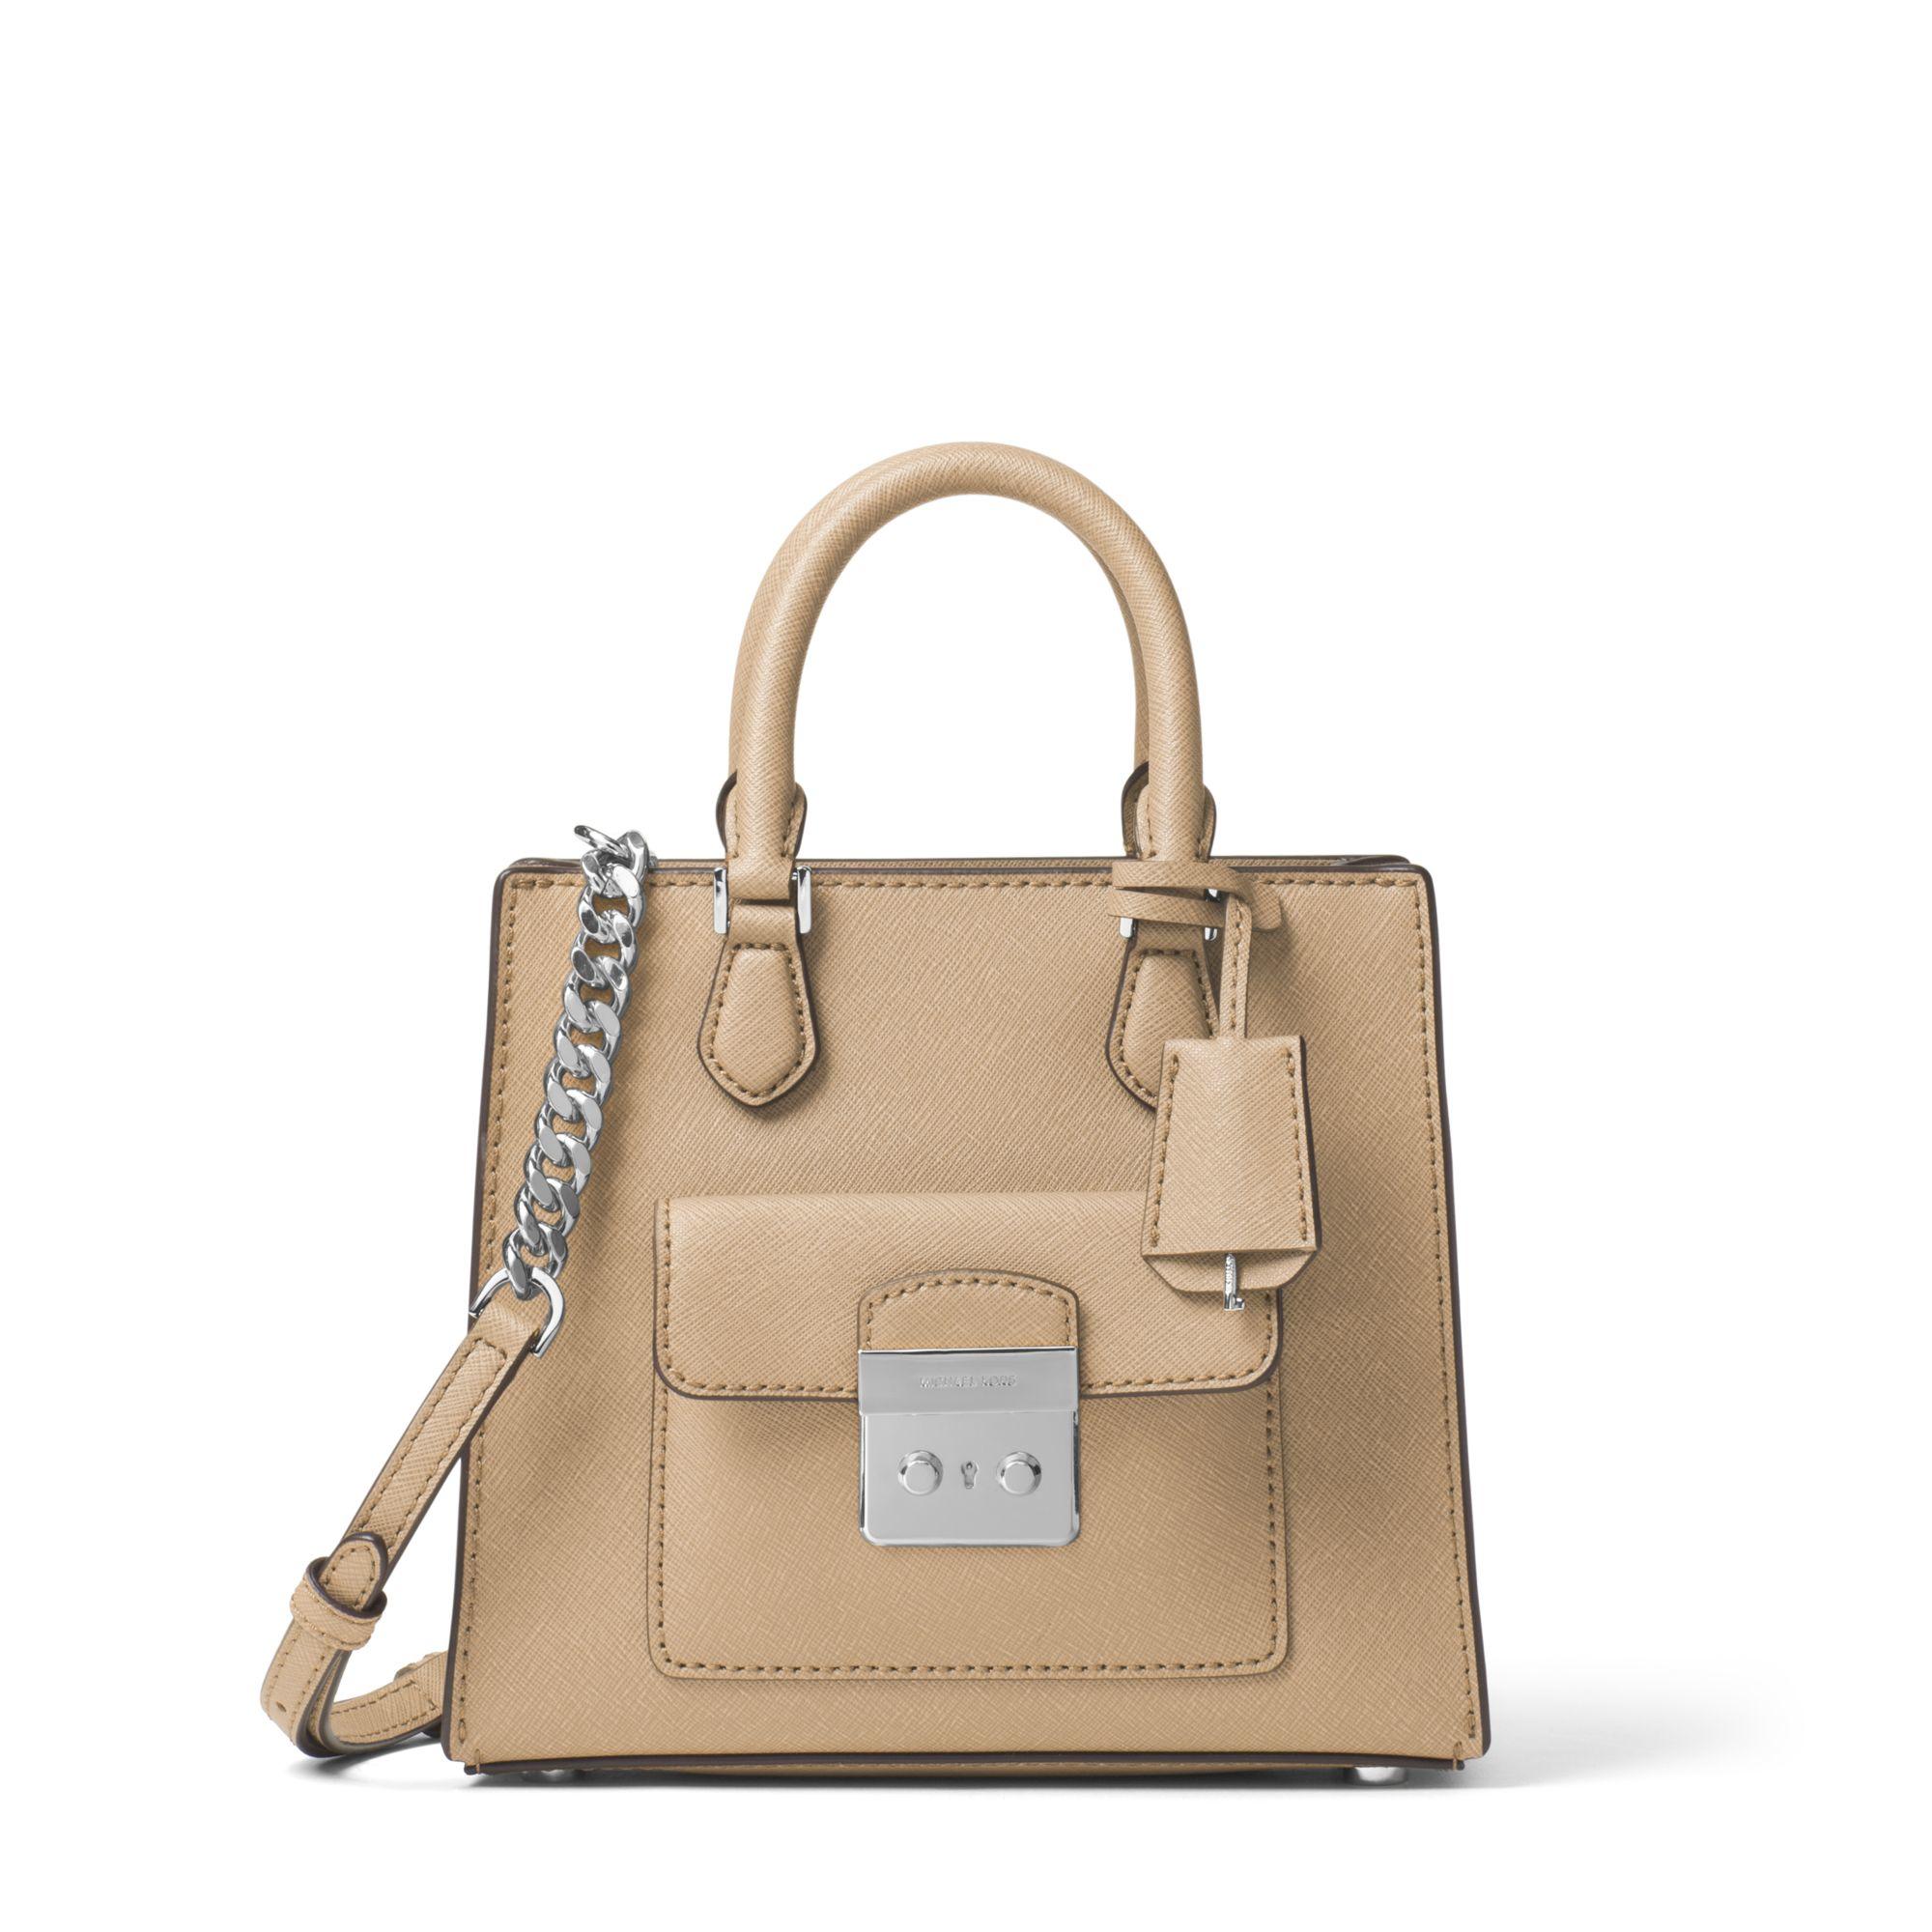 26ab5f236f24 Michael Kors Bridgette Small Saffiano Leather Cross-Body Bag in ...